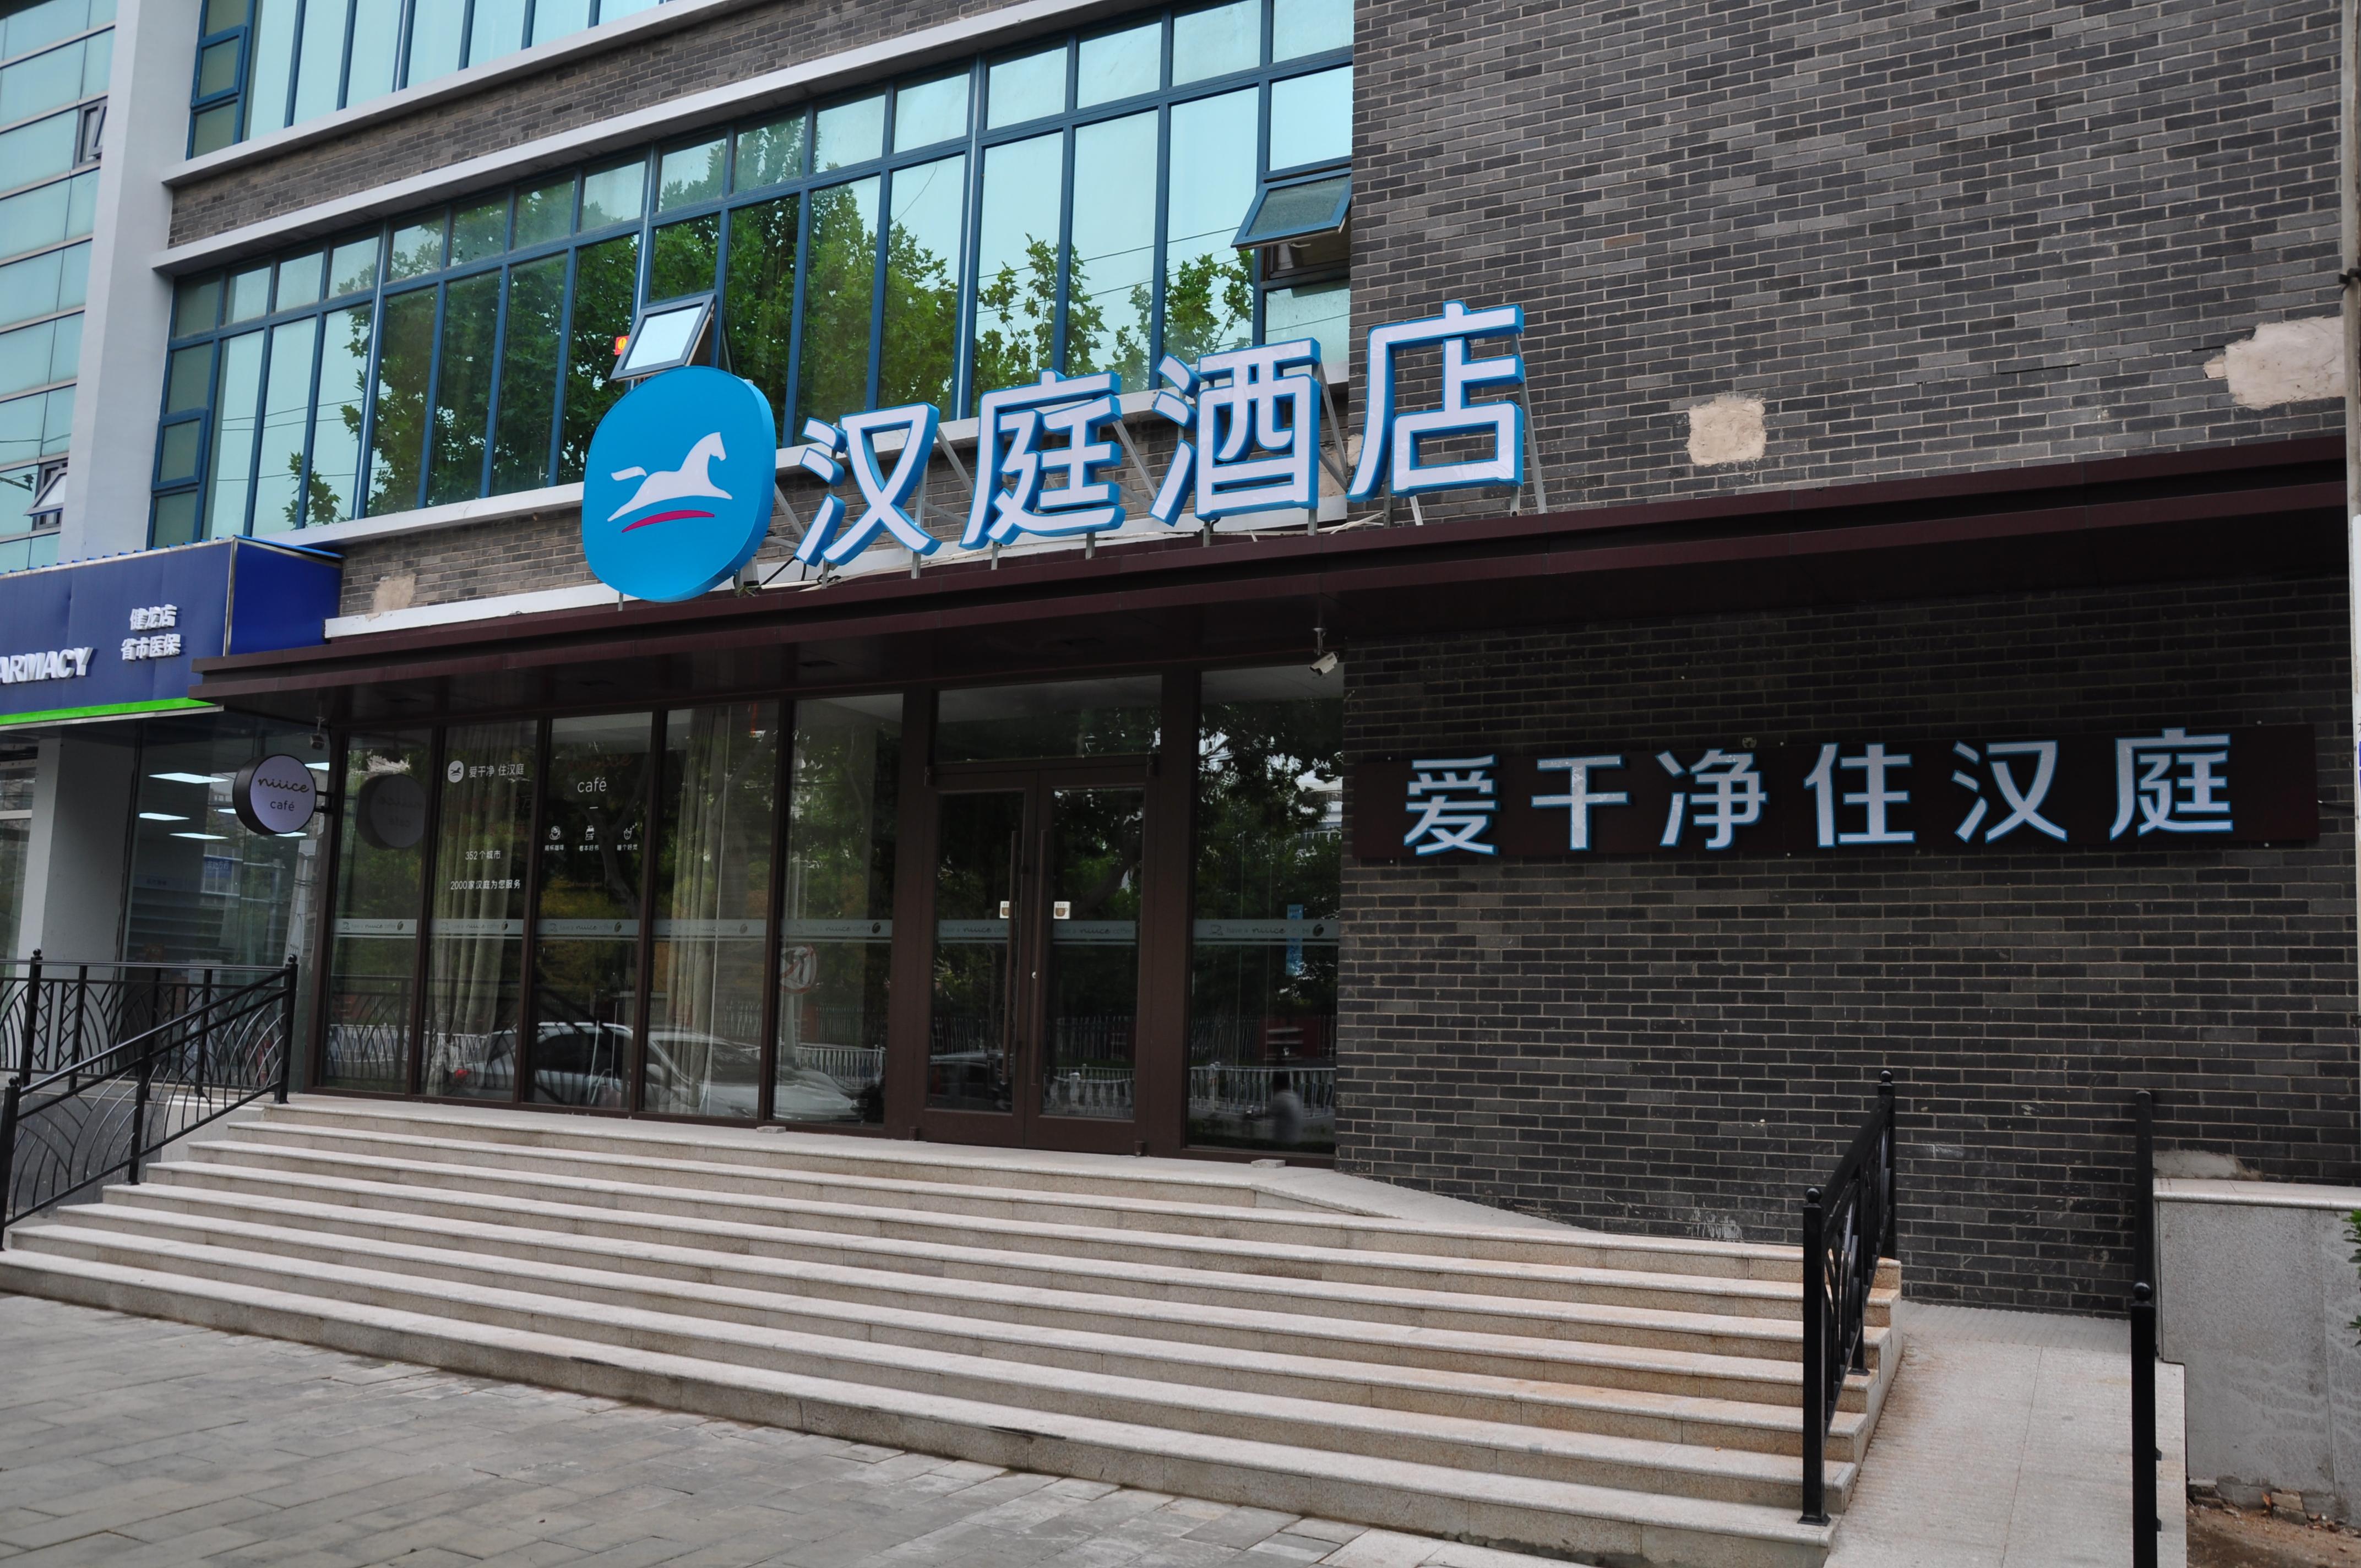 青岛汉庭酒店预订_铜陵市汉庭快捷酒店 - www.aihei0w.com